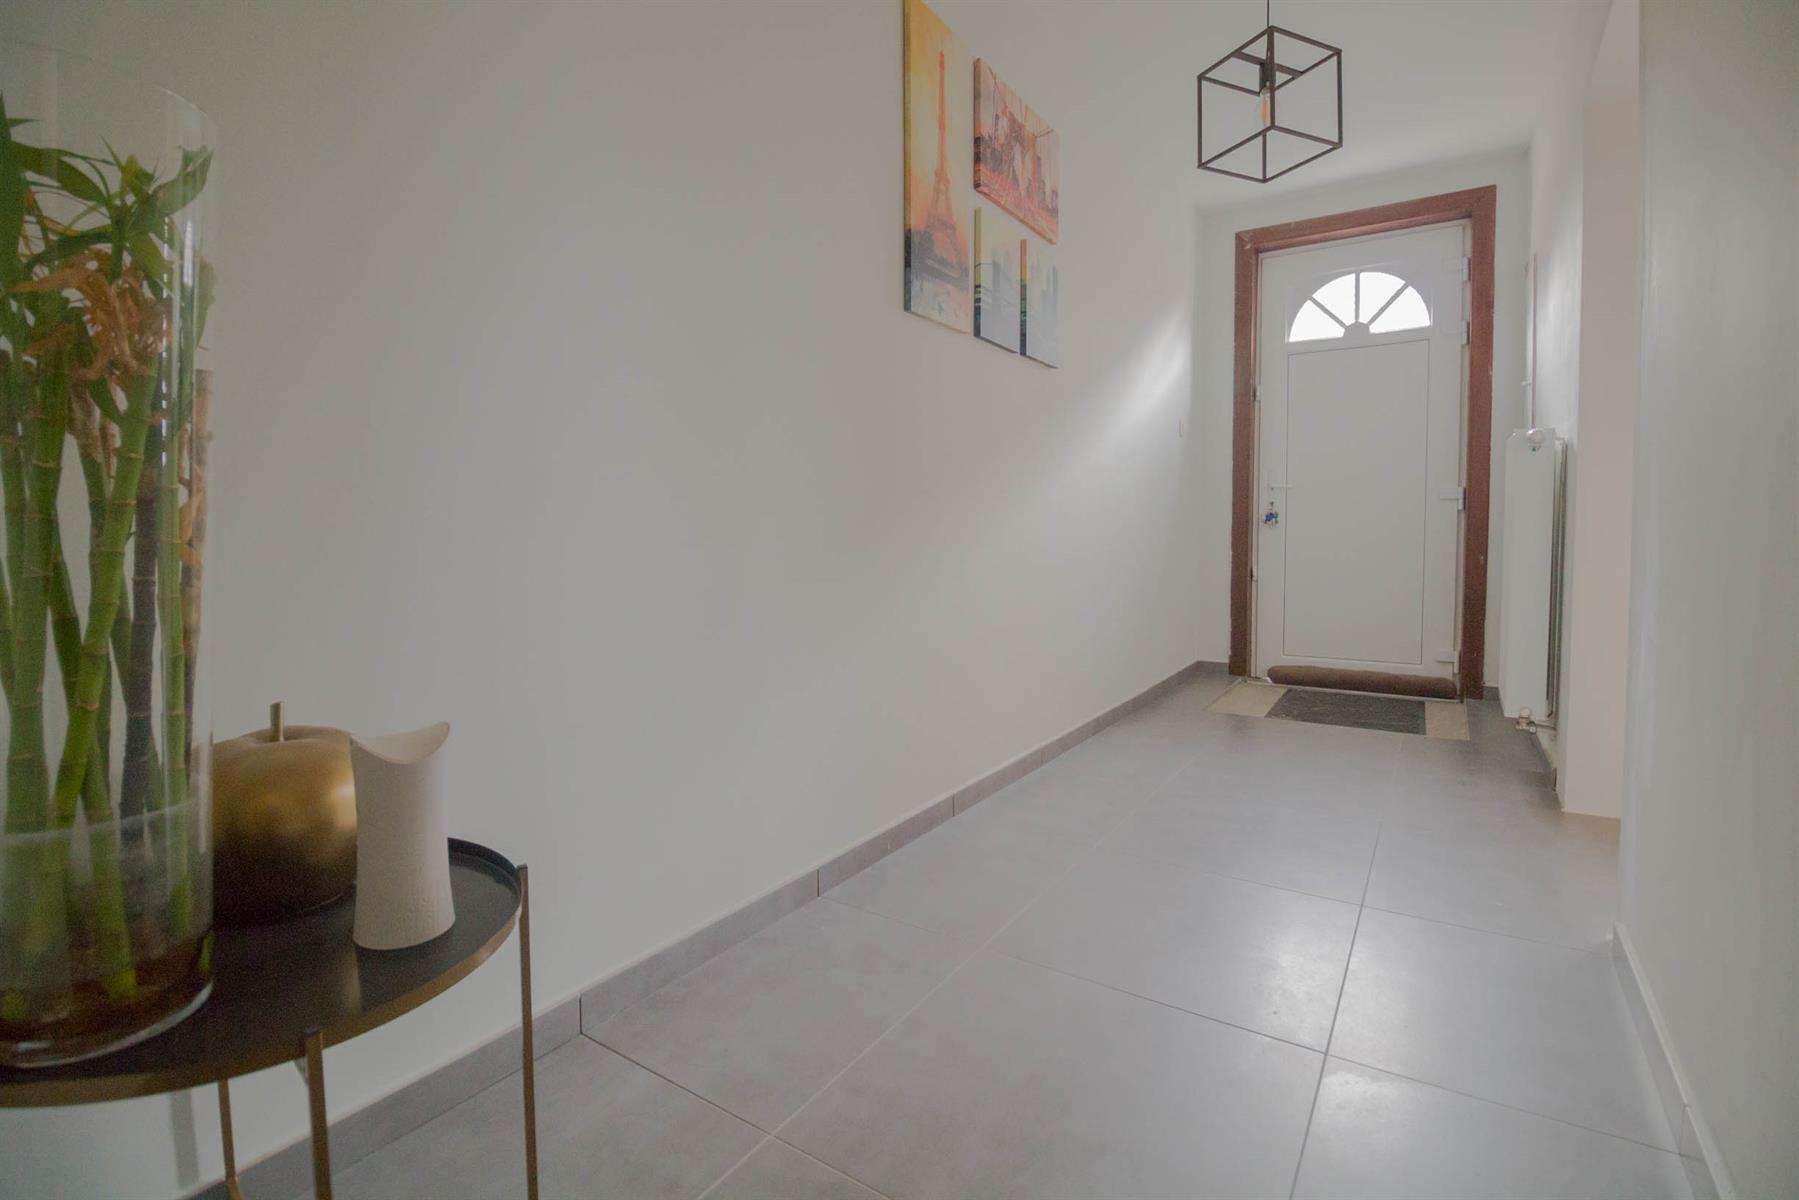 Maison - Gouy-lez-Piéton - #4181133-1